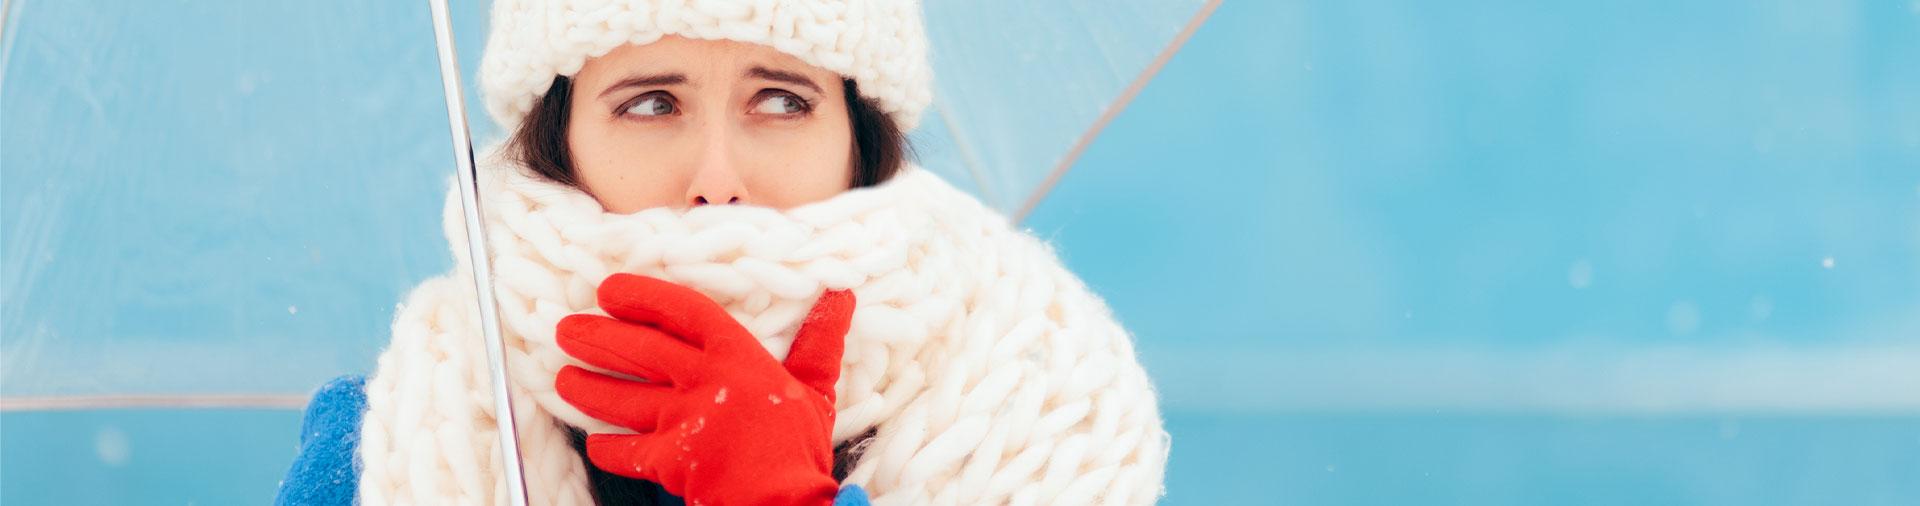 Le patologie invernali: il mal di gola